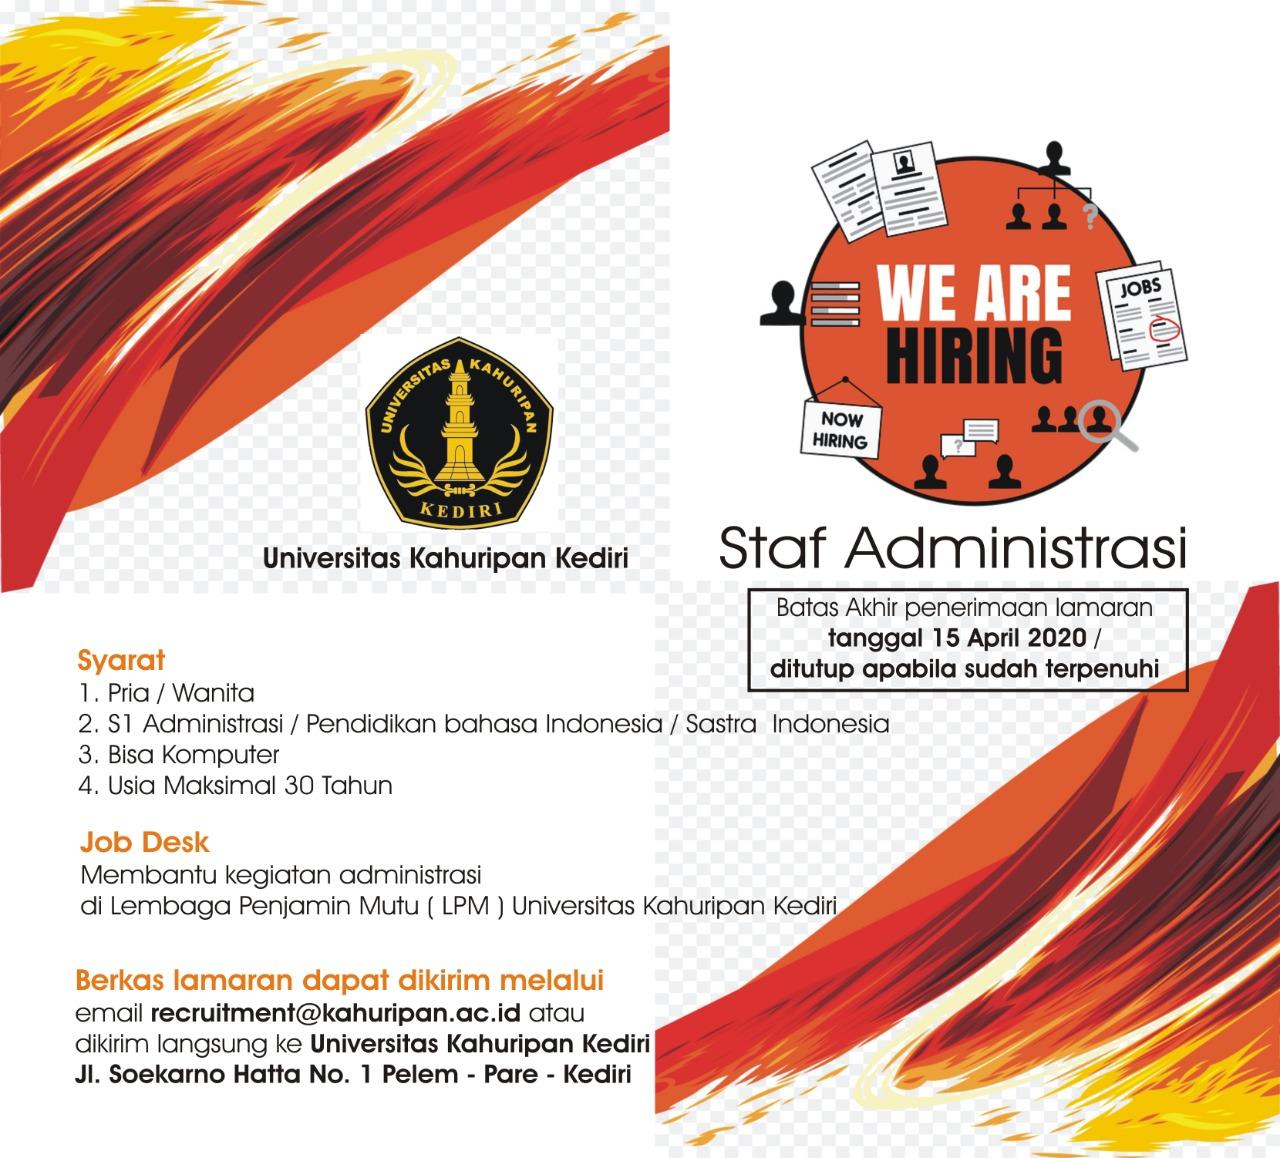 Rekrutmen Staff Administrasi Universitas Kahuripan Kediri 2020 Universitas Kahuripan Kediri